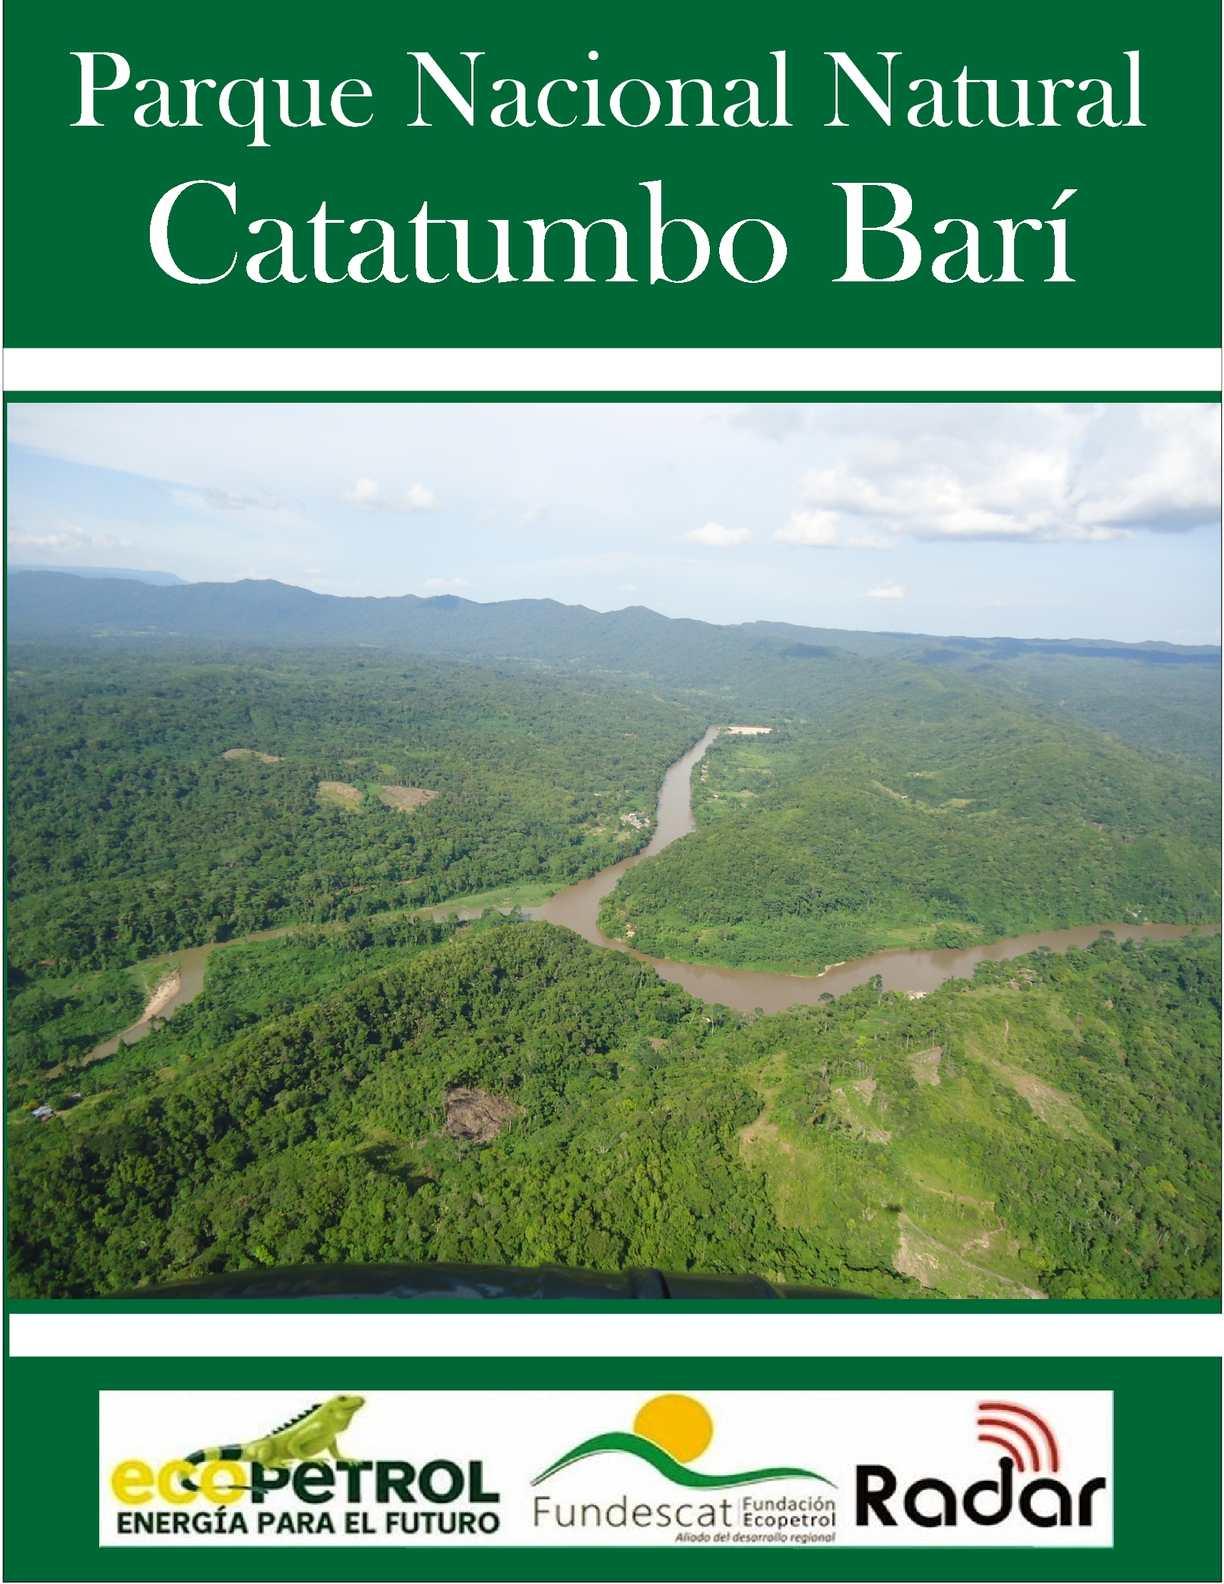 Parque Nacional Natural Catatumbo Barí